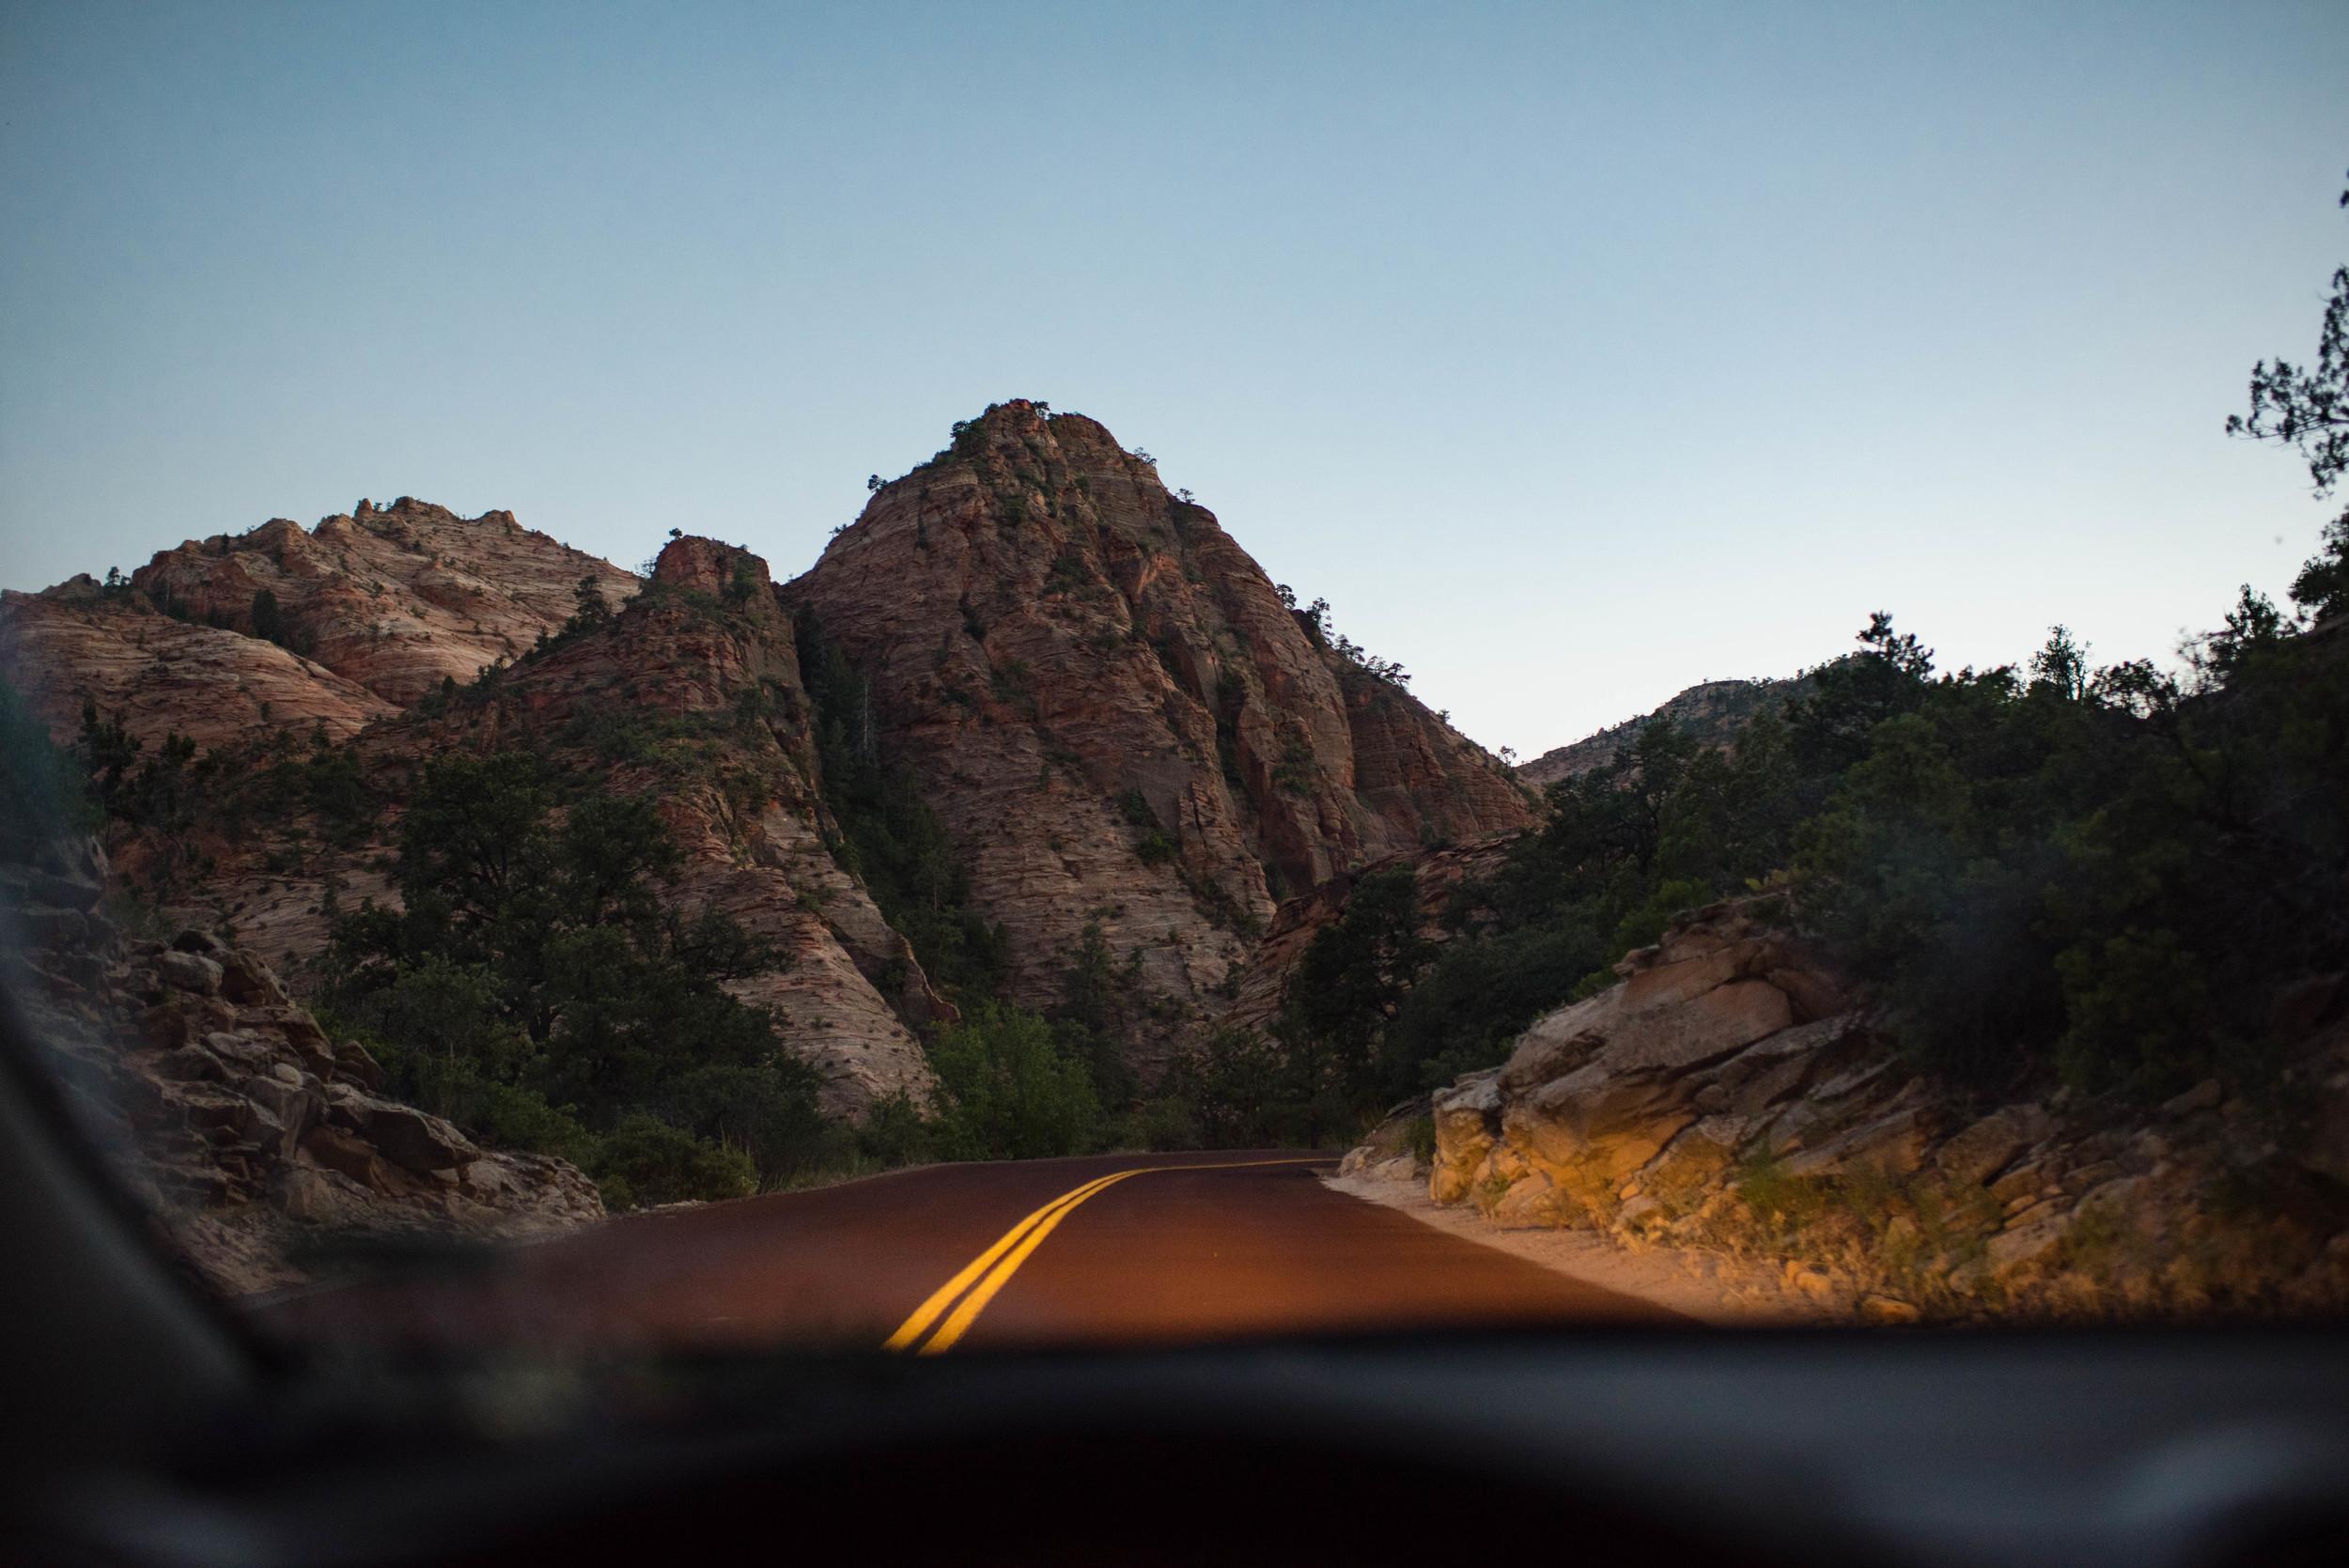 roadtrip-2016_27786499924_o.jpg